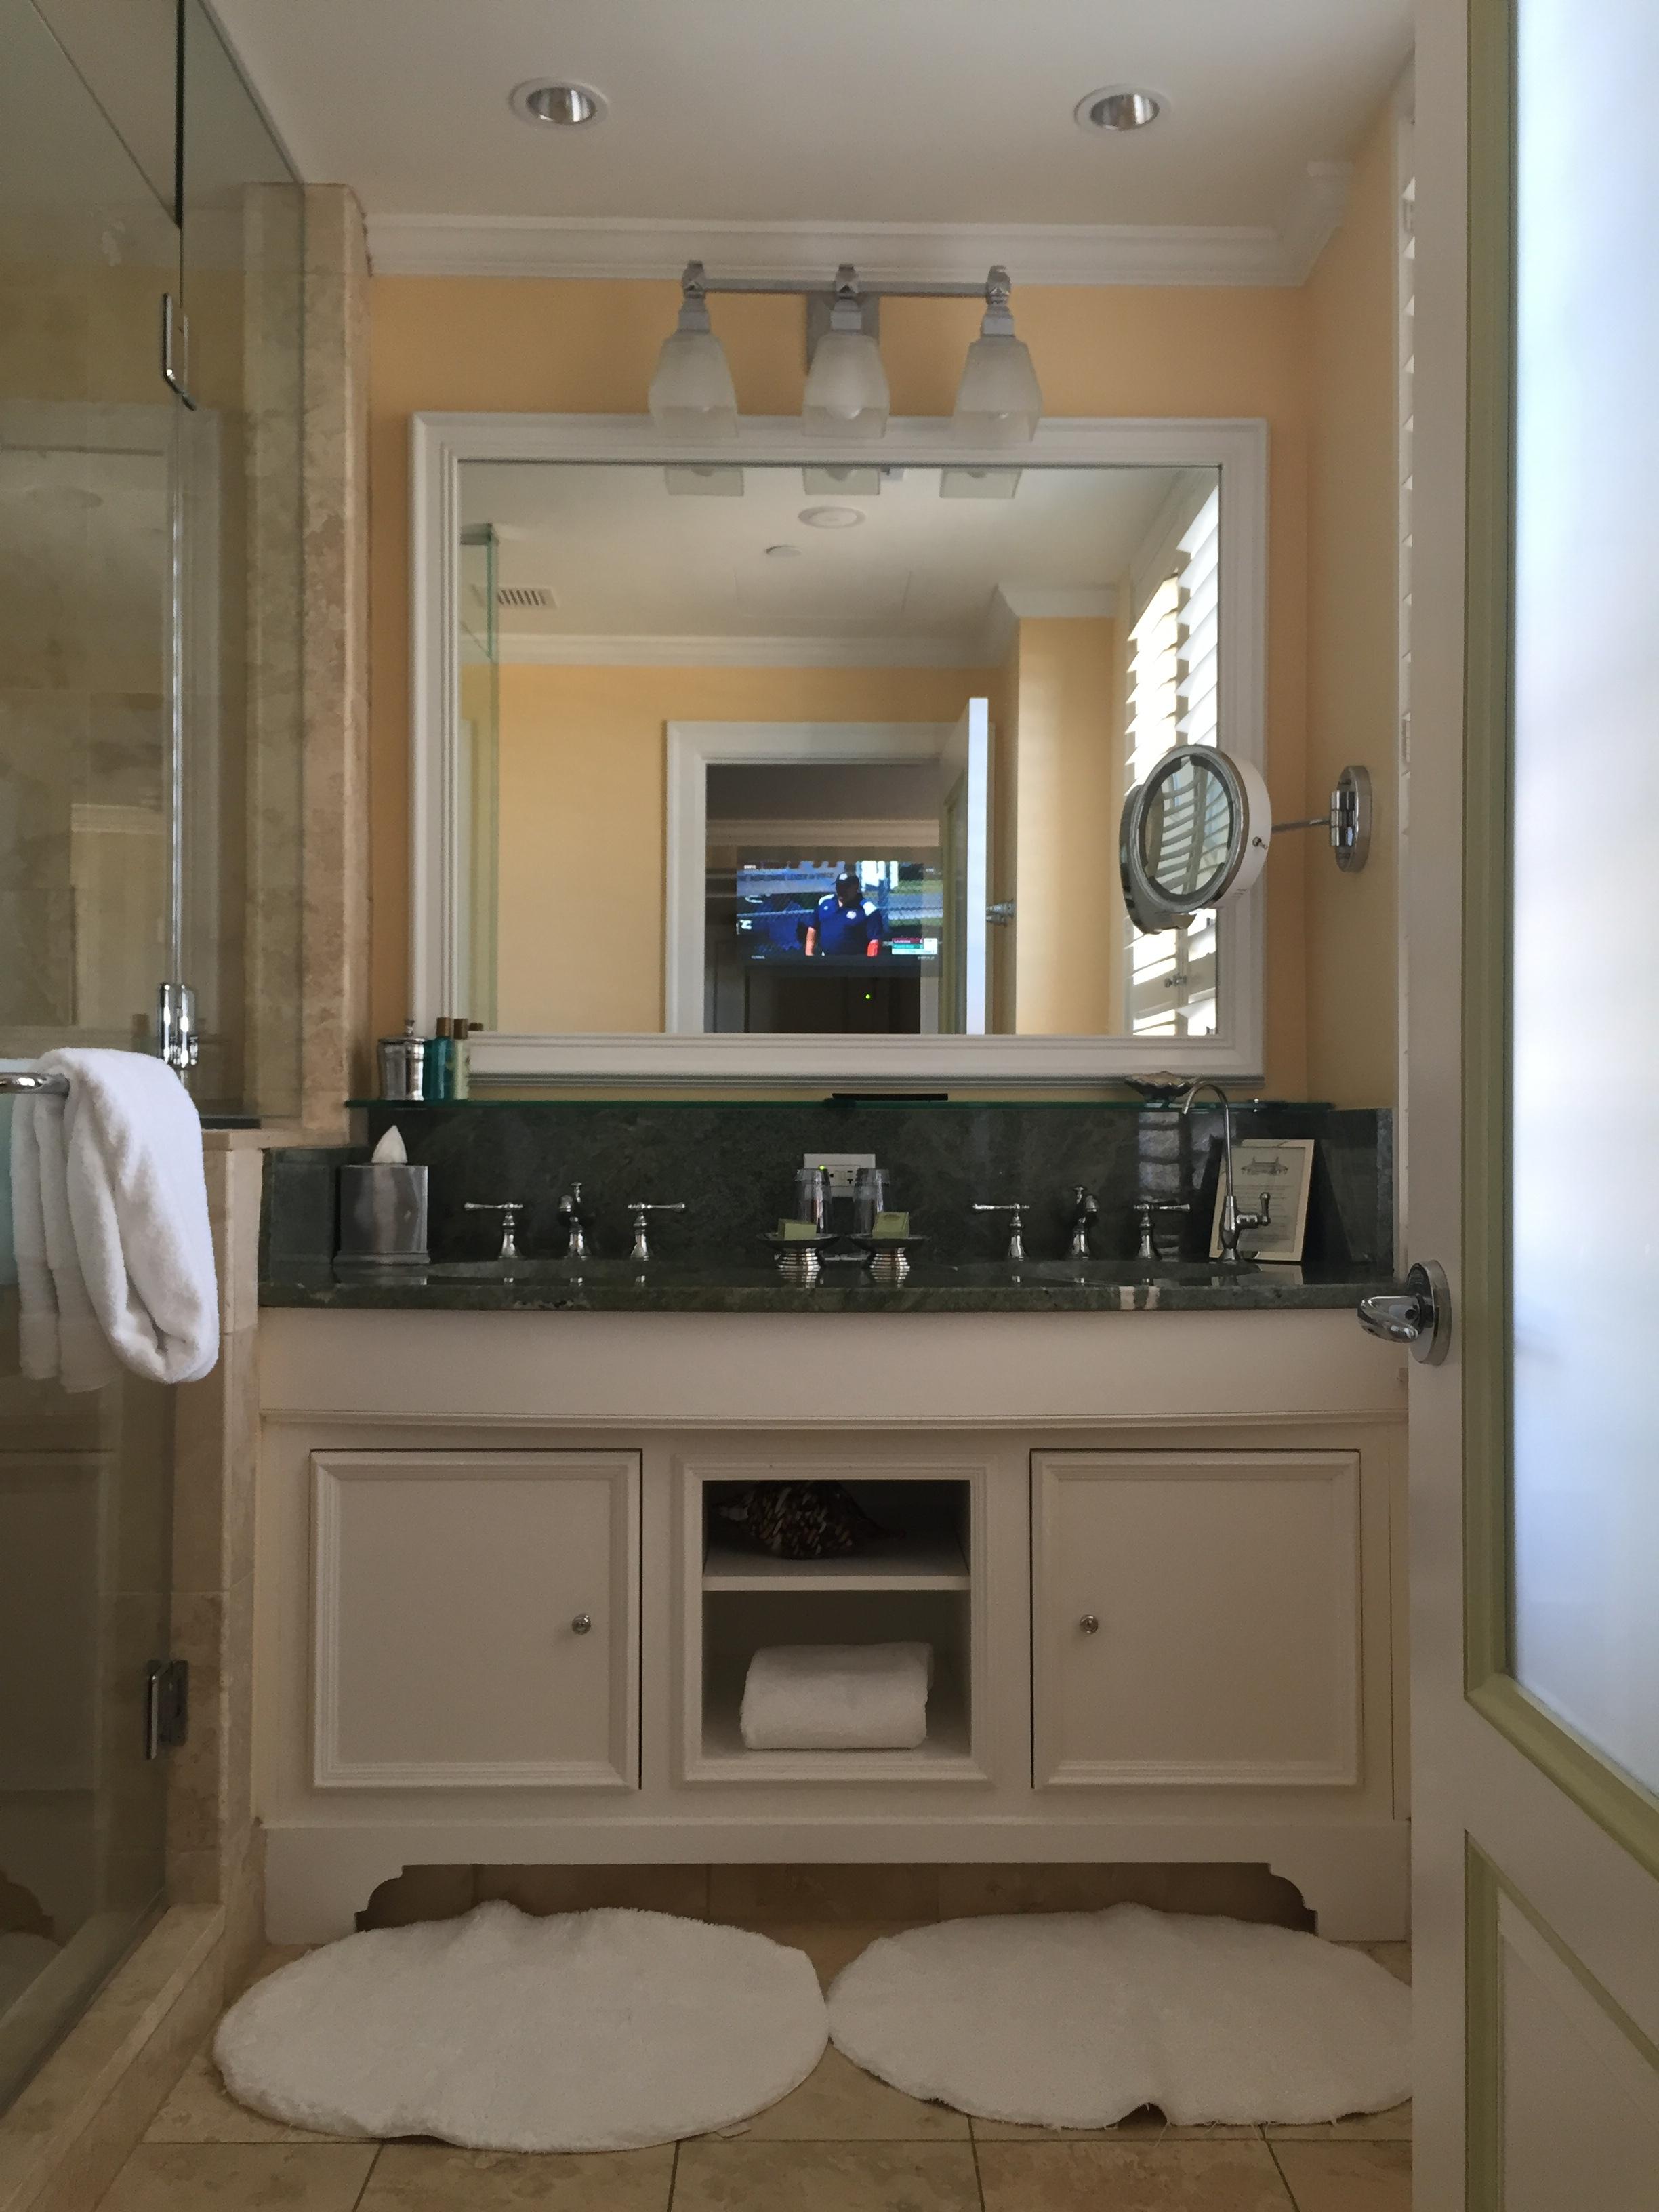 thebreakers-travel-review-bathroom.jpg